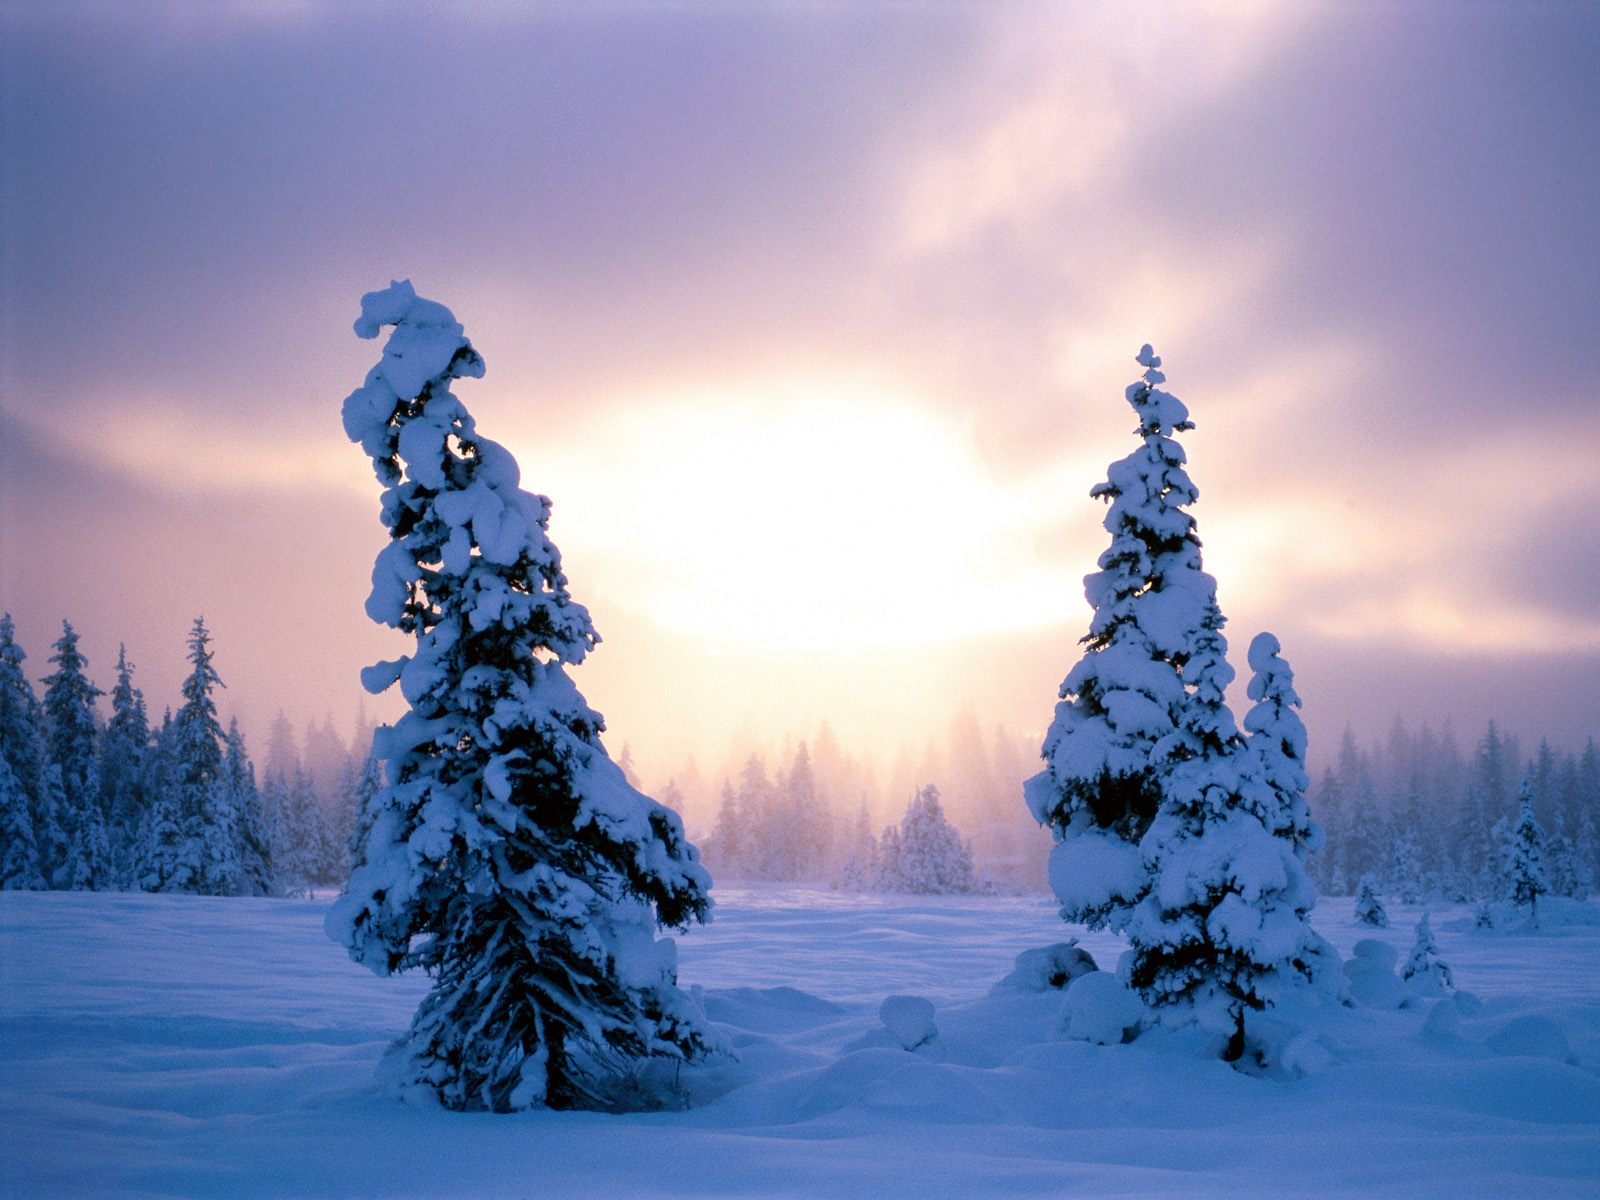 https://1.bp.blogspot.com/-WzgnbSdUhQ8/TcqhNPZLTwI/AAAAAAAACdc/fDHdbjVeGKY/s1600/winter+scenes+1+%252816%2529.jpg